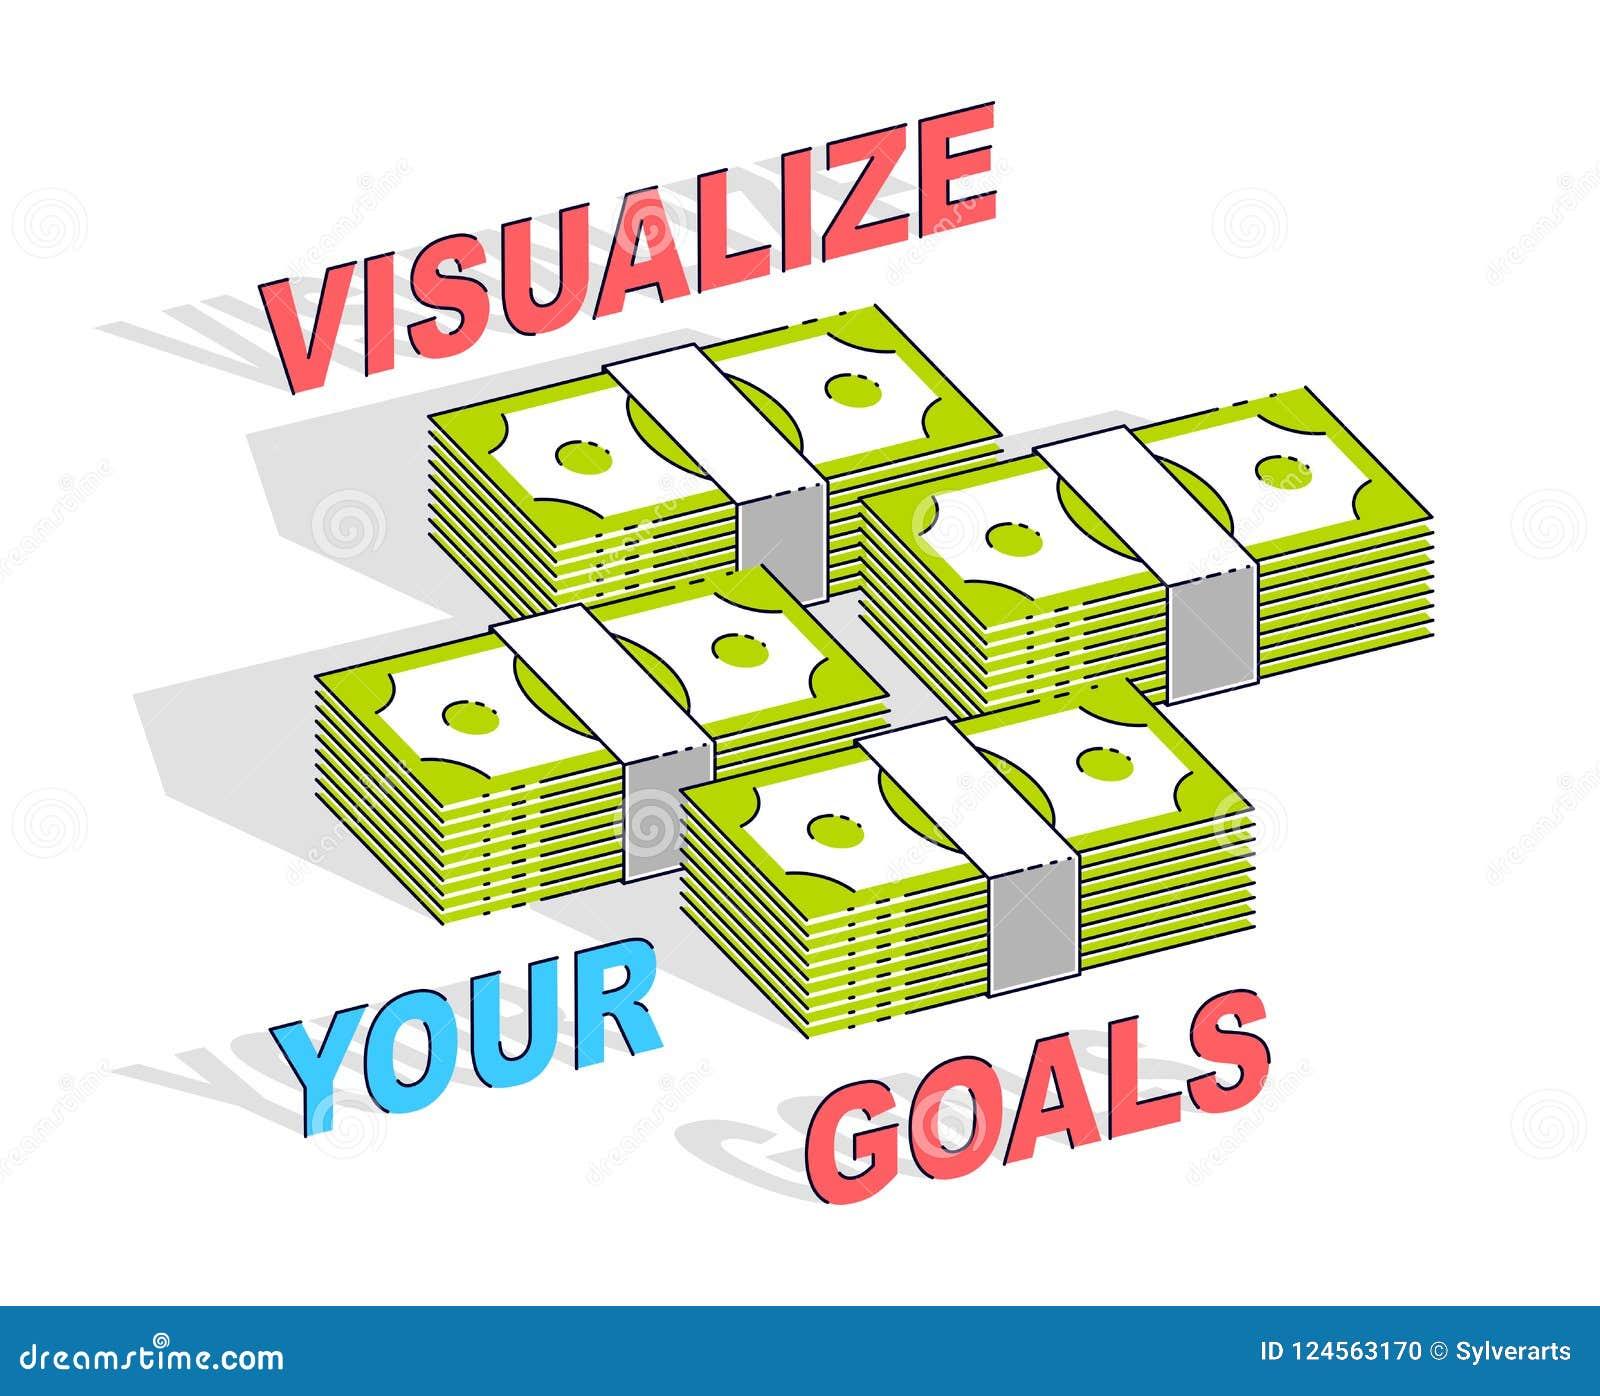 Visualizzi il vostro manifesto di motivazione di affari di scopi o insegna, contanti